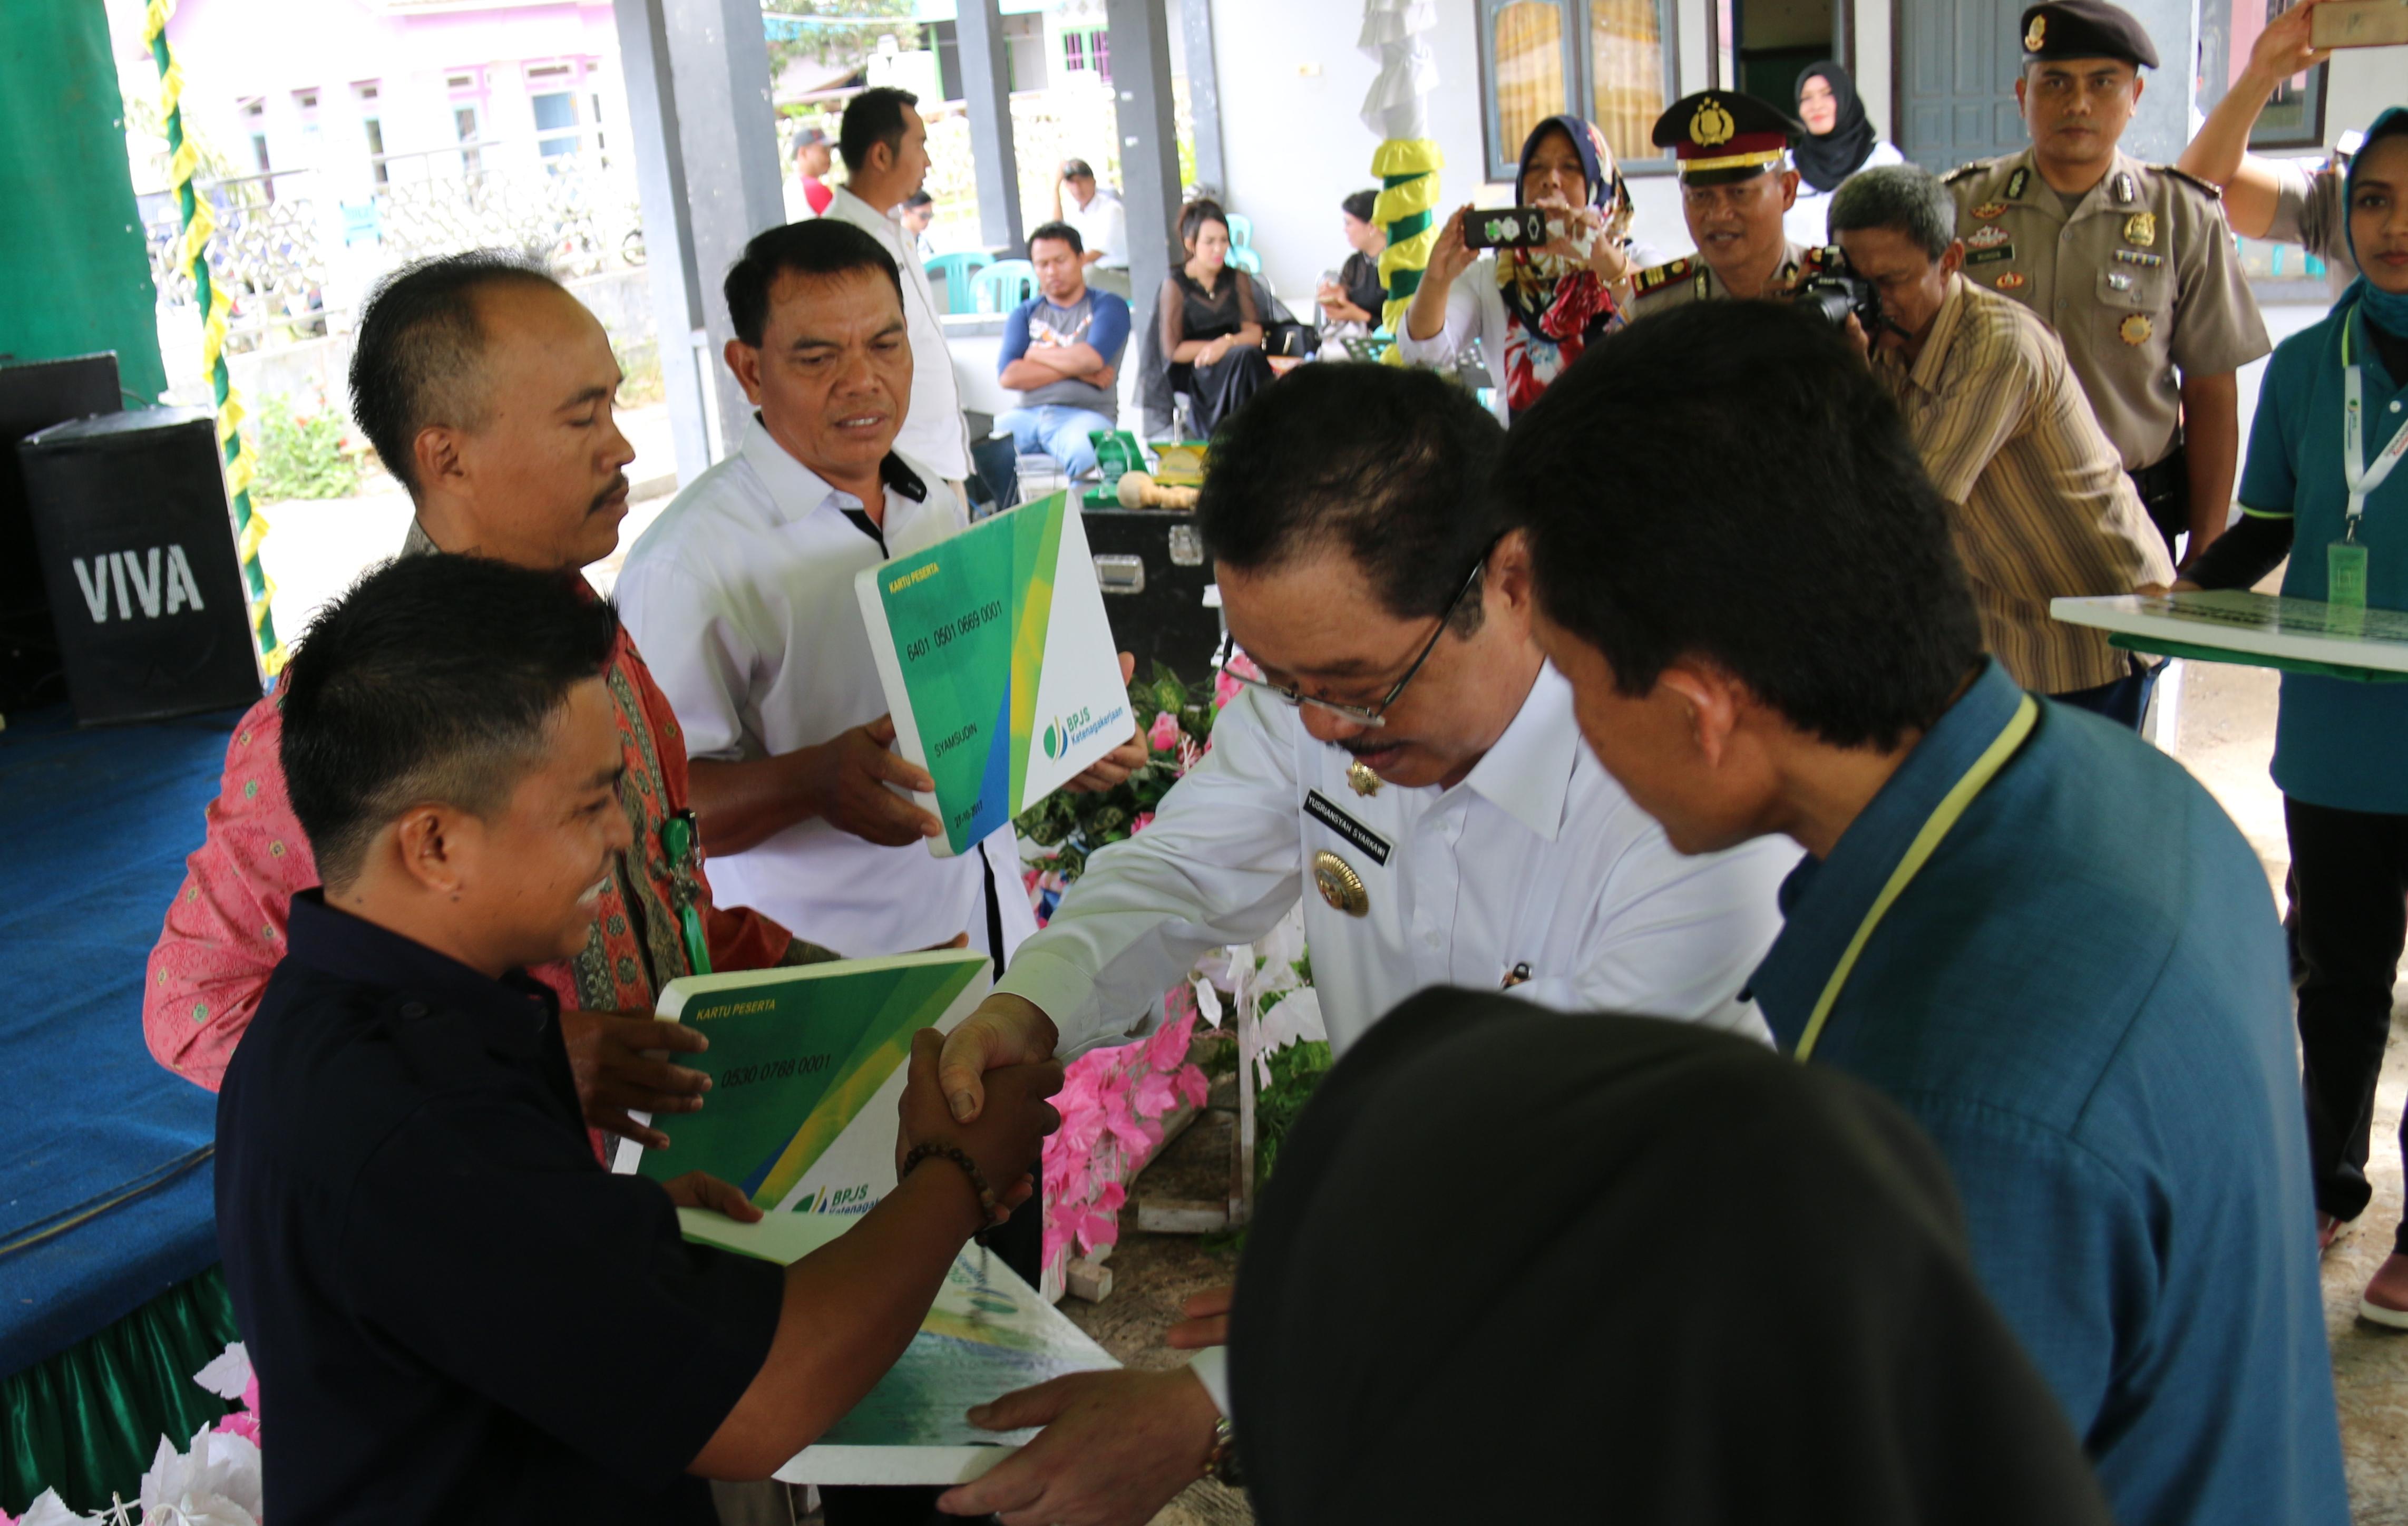 Bupati Launching BPJS Ketenagakerjaan di Desa Padang Jaya